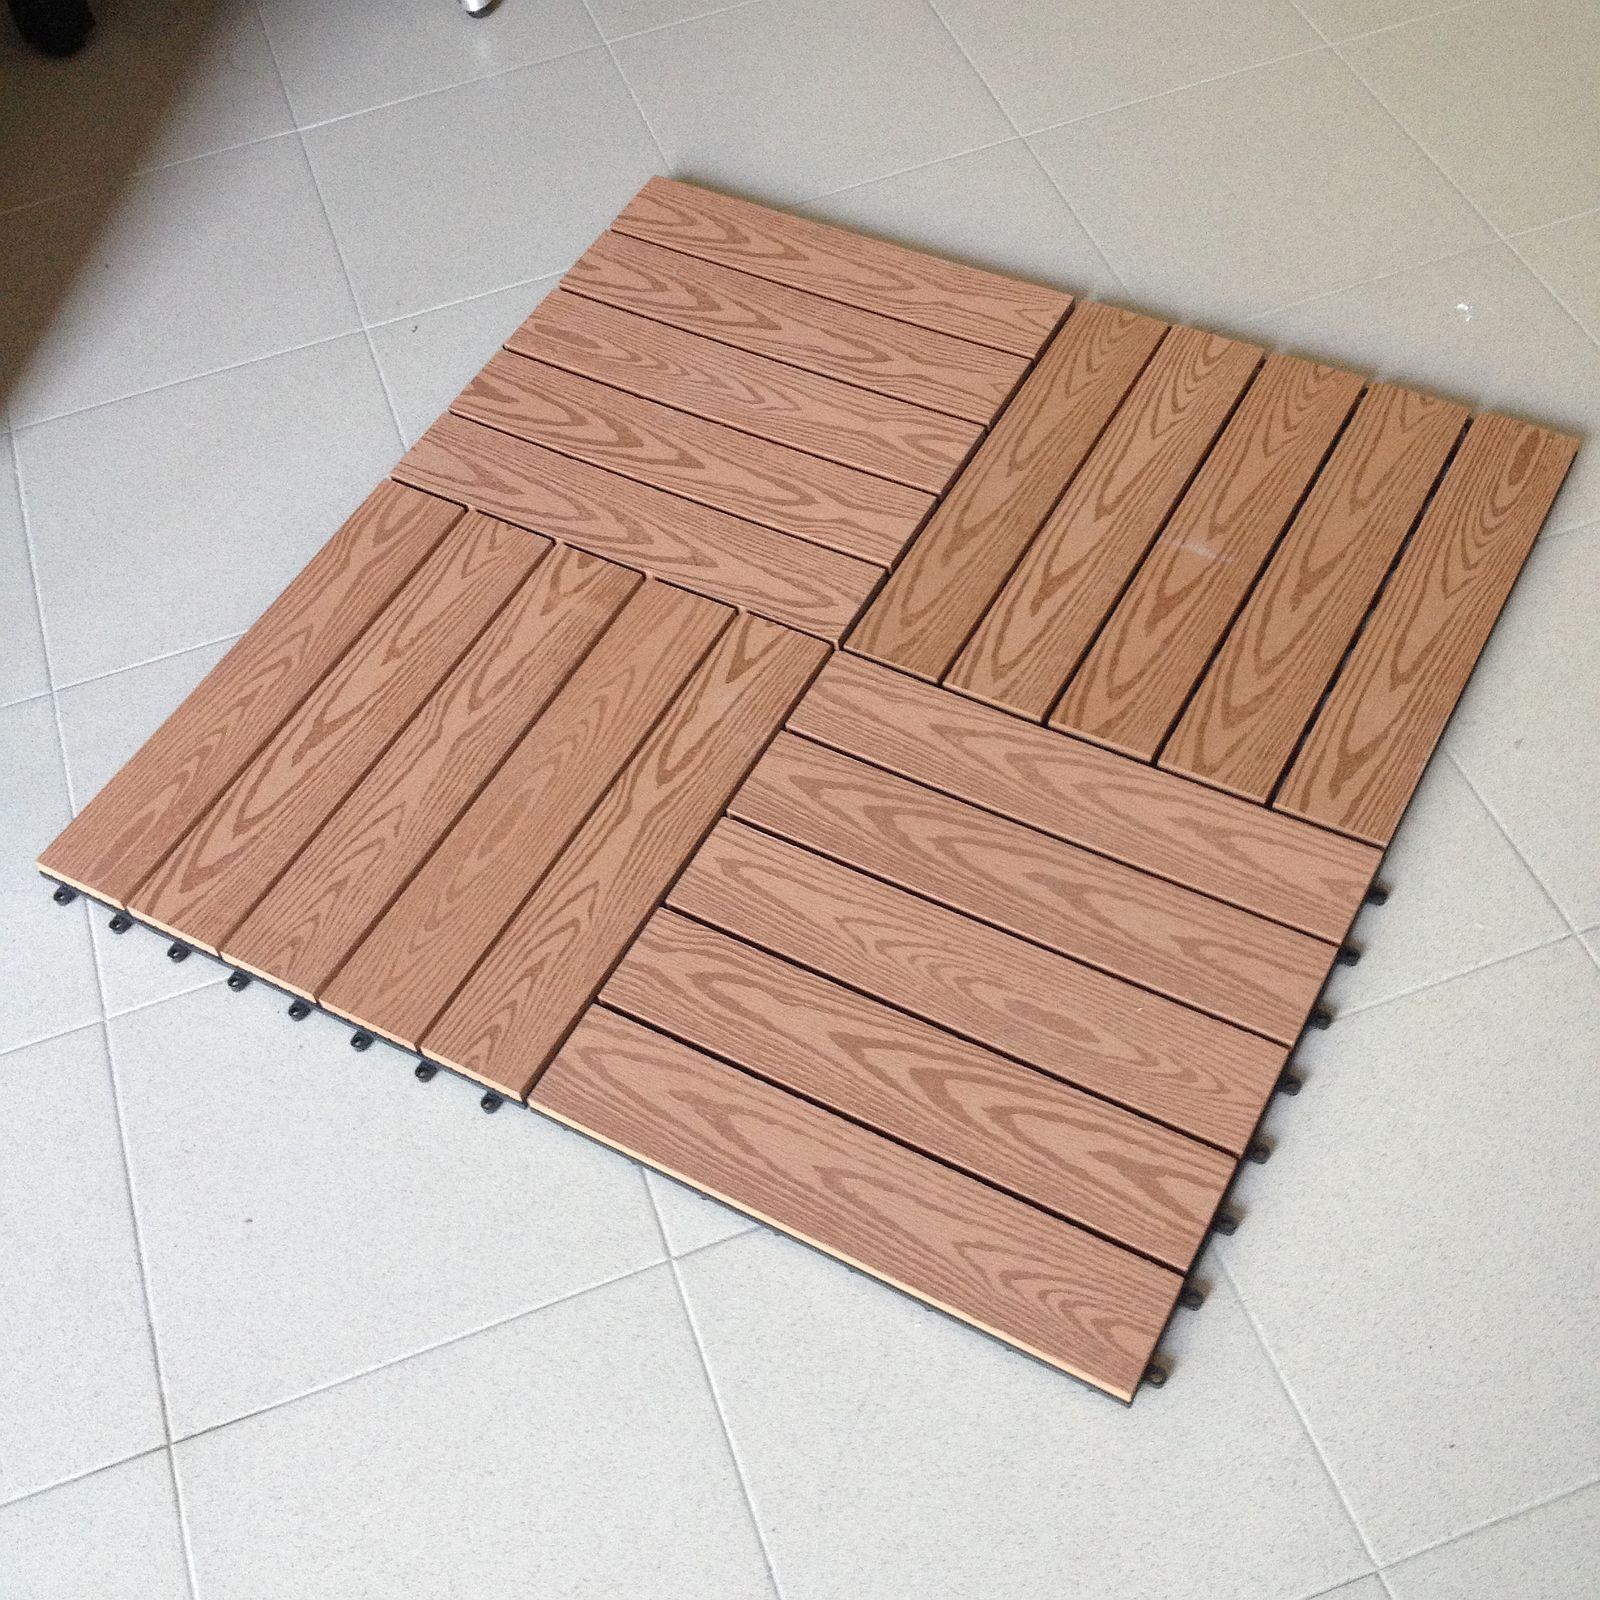 mattonelle mattonella cm 30x30 in wpc pavimento legno